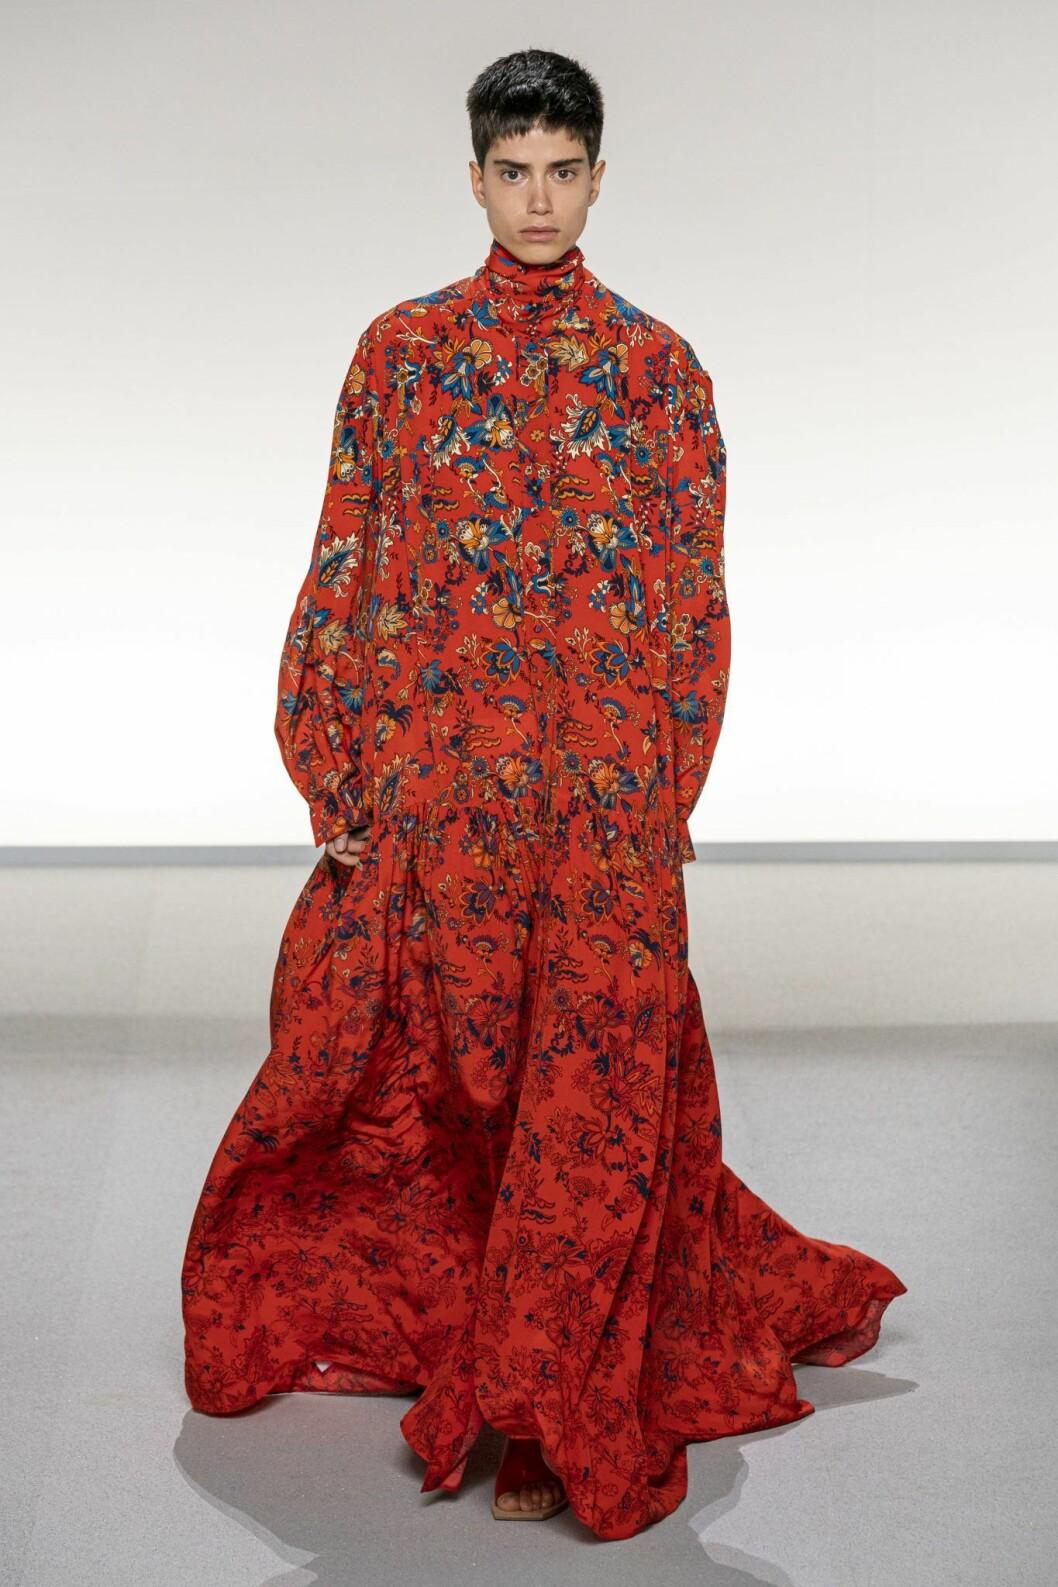 Mönstrad långklänning på Givenchys vår-och sommarvisning 2020